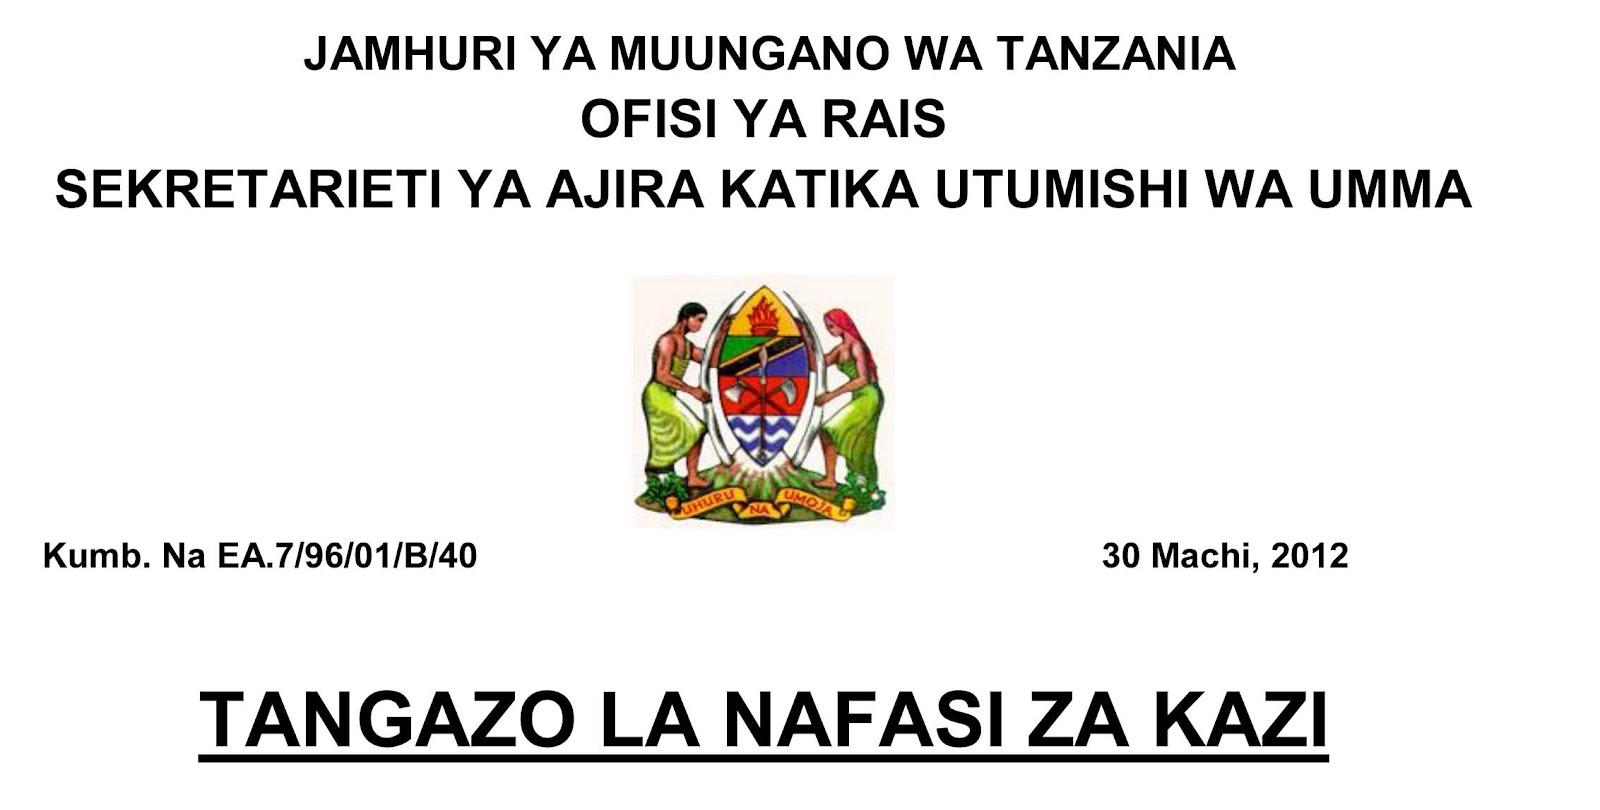 NAFAZI ZA KAZI WIZARA YA MALIASILI DEADLINE 13 APRILI 2012